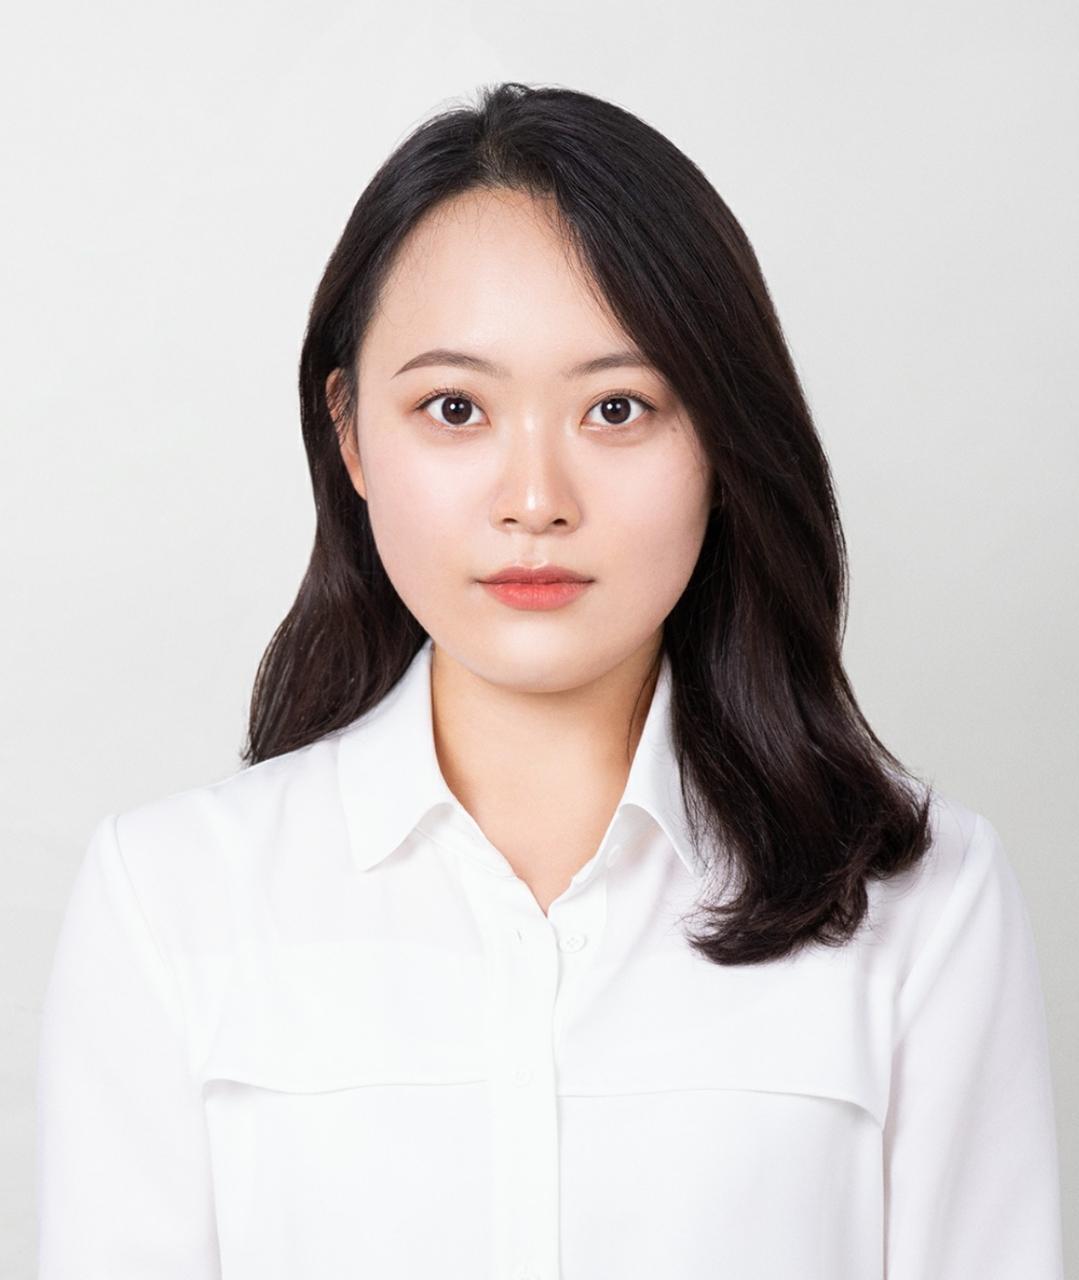 김도훈 KB국민은행 WM스타자문단 세무사